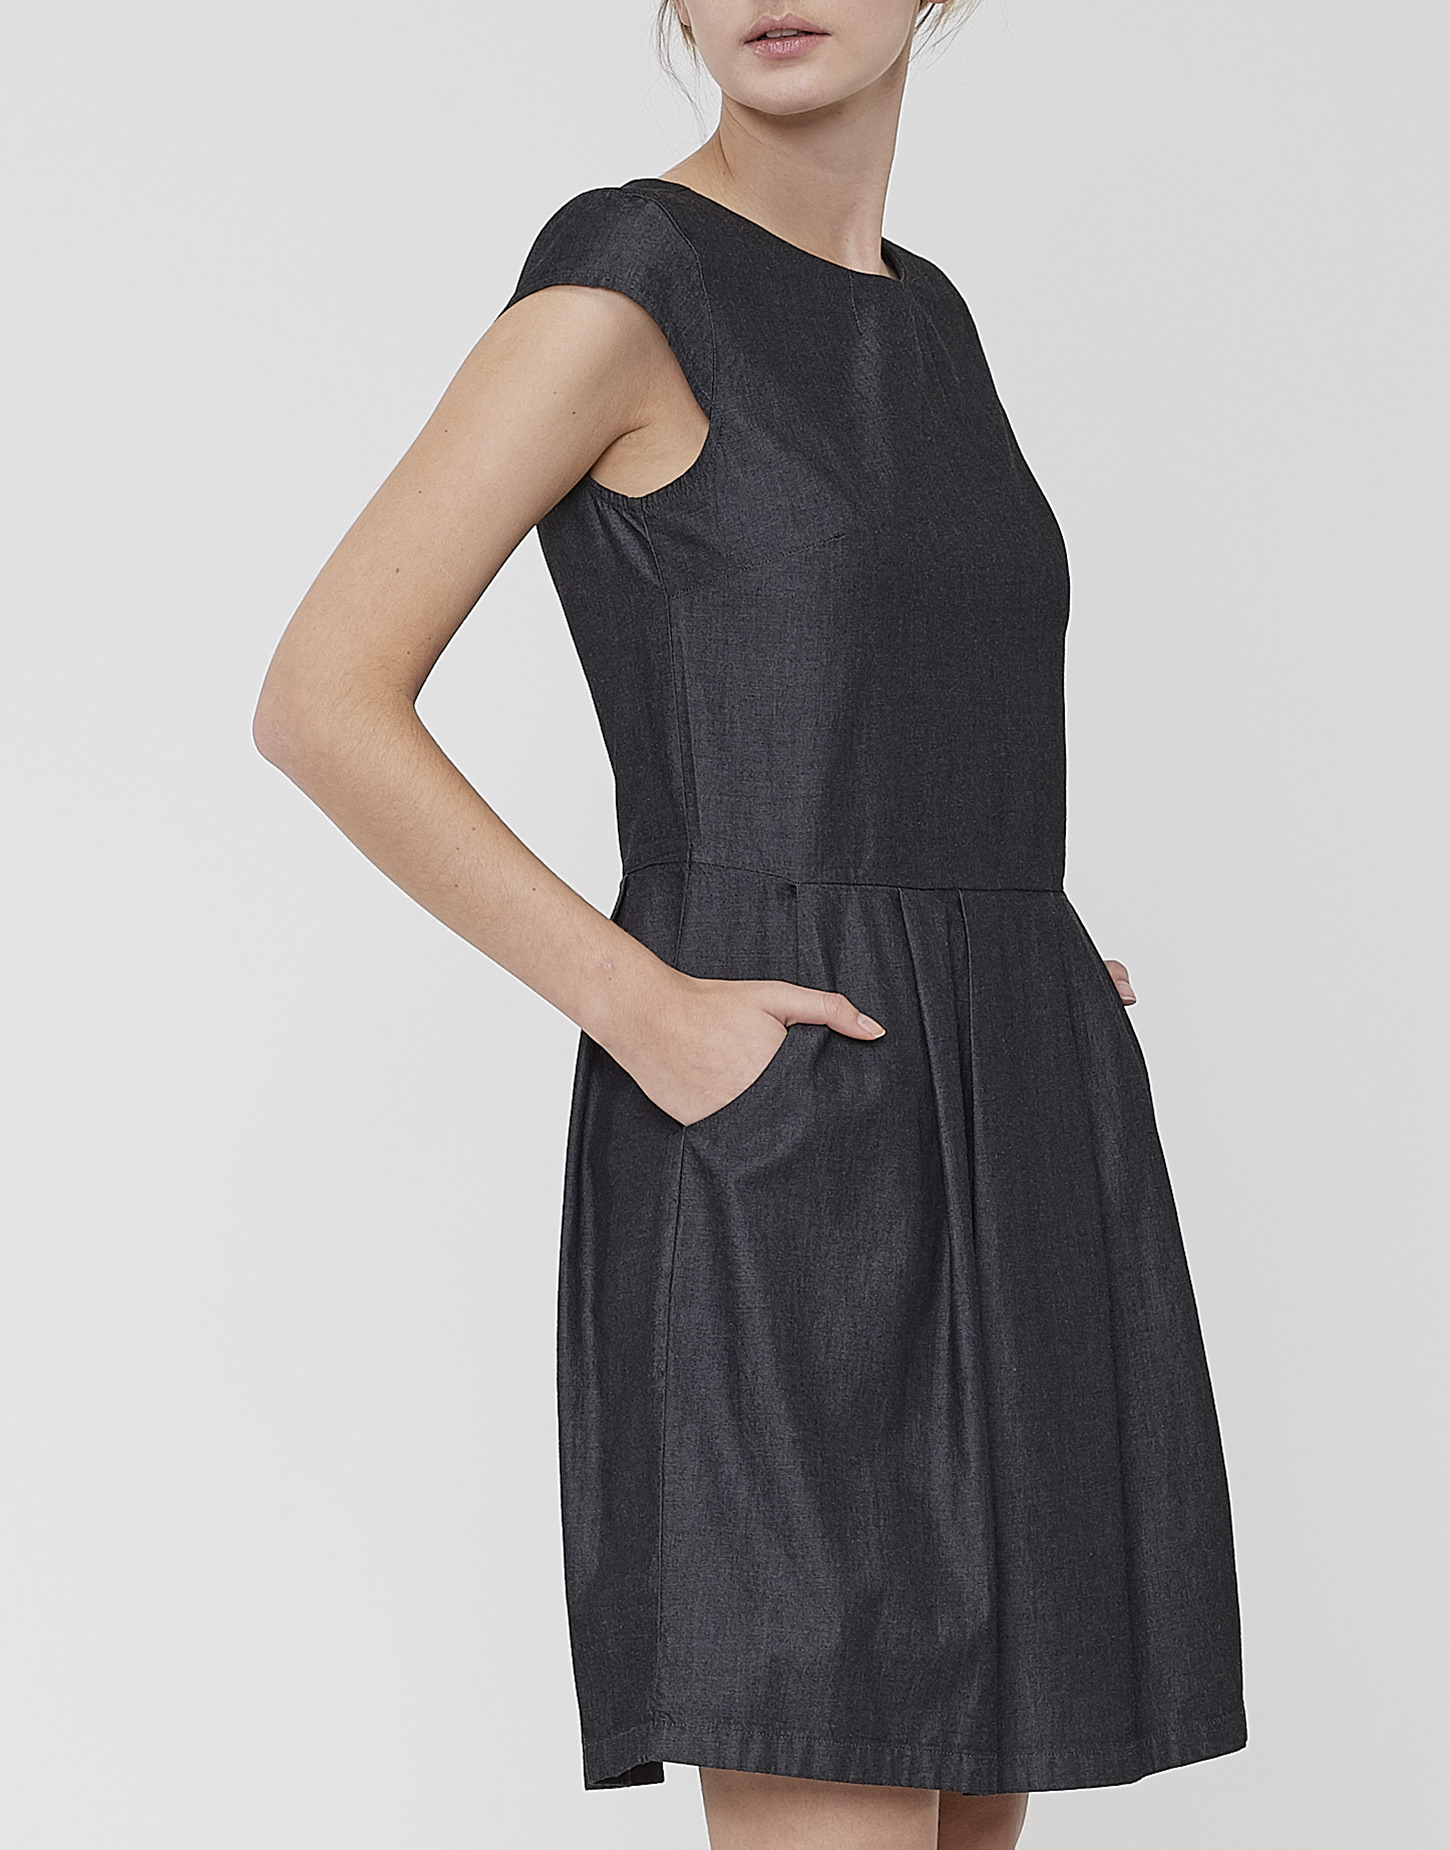 Sommerkleid Wolantha black schwarz online bestellen | OPUS ...